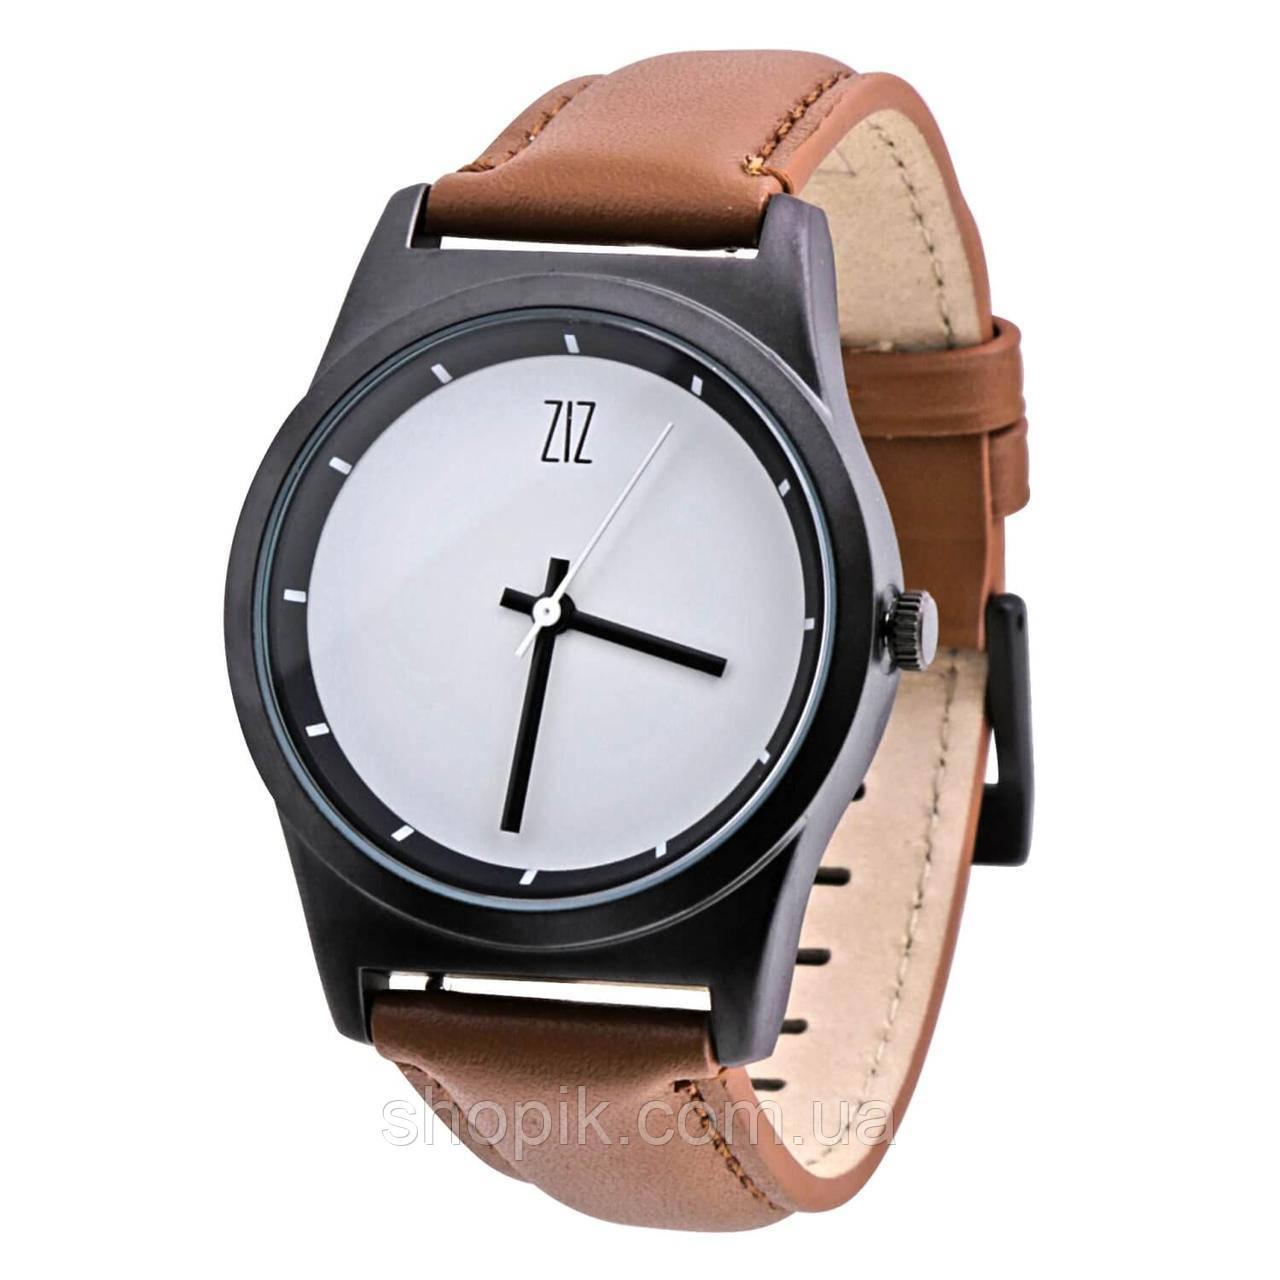 Годинник ZIZ White на шкіряному ремінці + дод. ремінець + подарункова коробка (4100243) SHOPIK